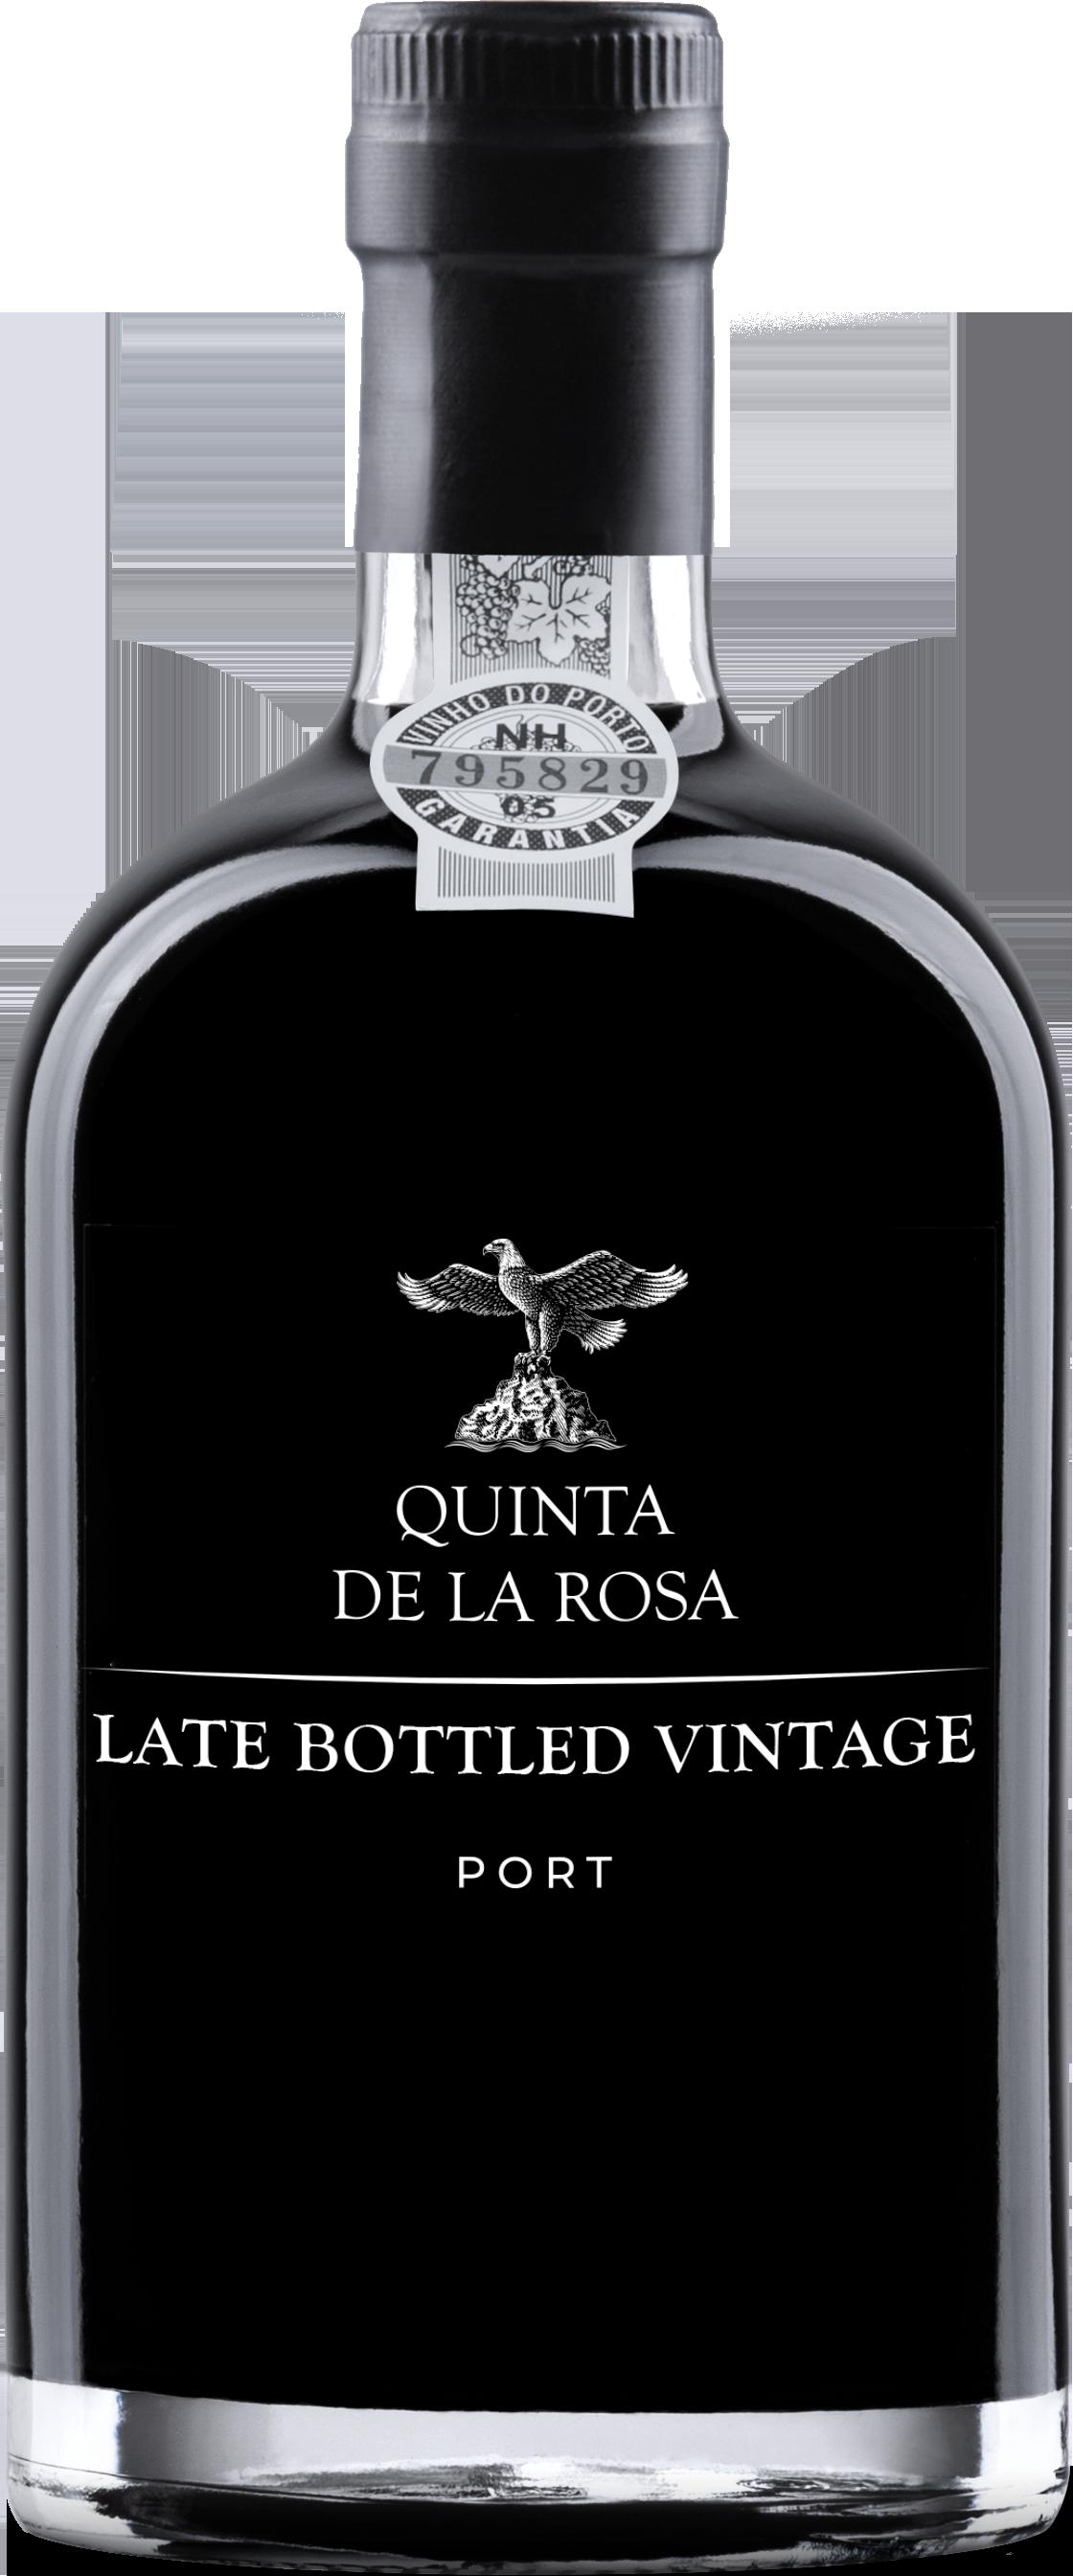 Quinta de la Rosa LBV port 2016